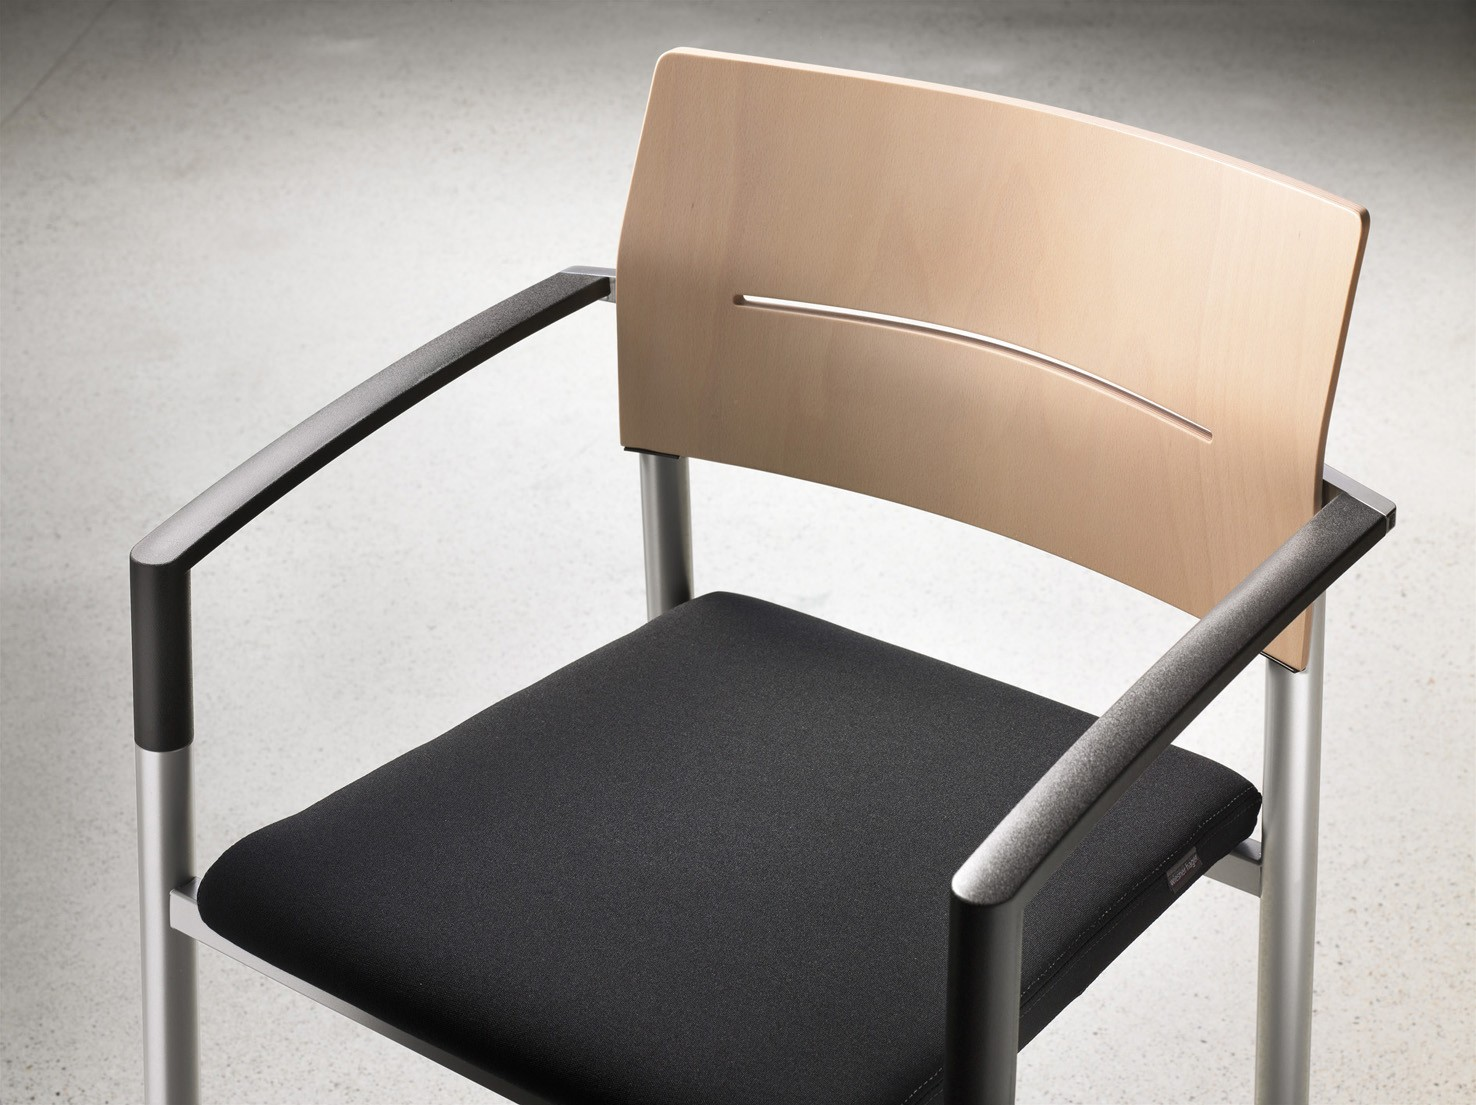 Kantinenstuhl aluform, Rückenlehne mit Designfräsung